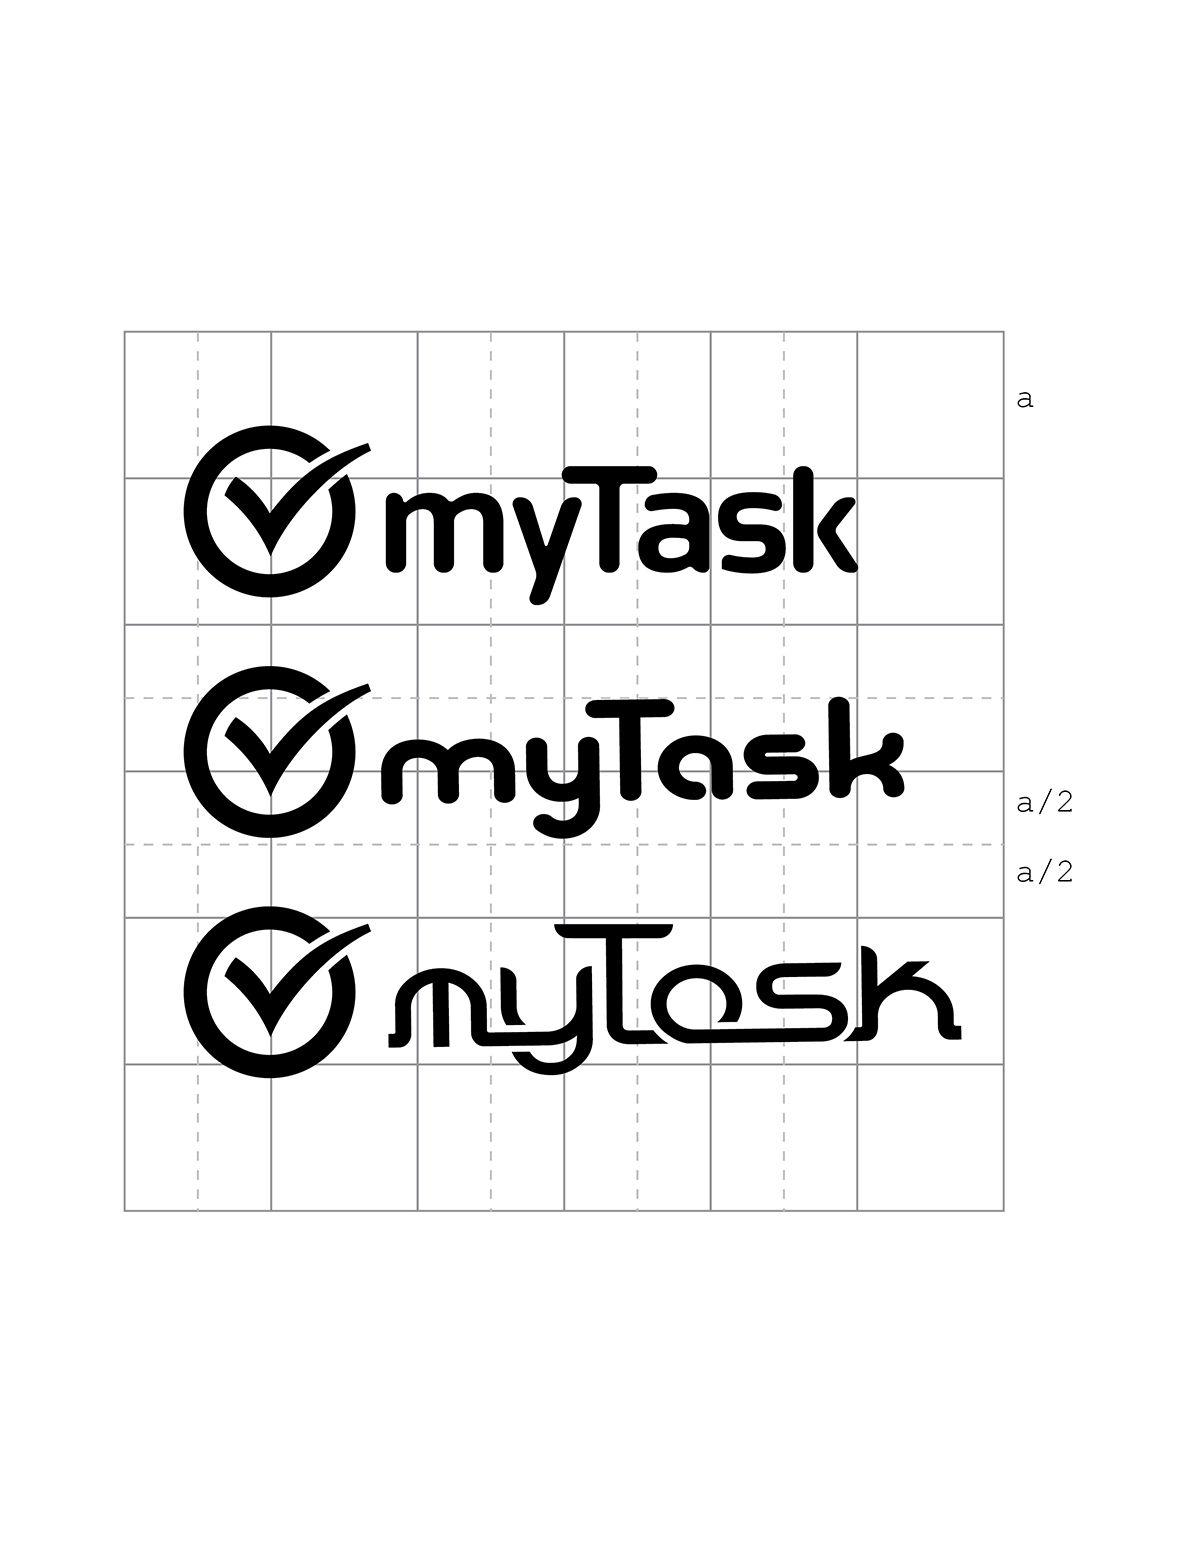 Доработка логотипа компании myTask - дизайнер vadimsoloviev